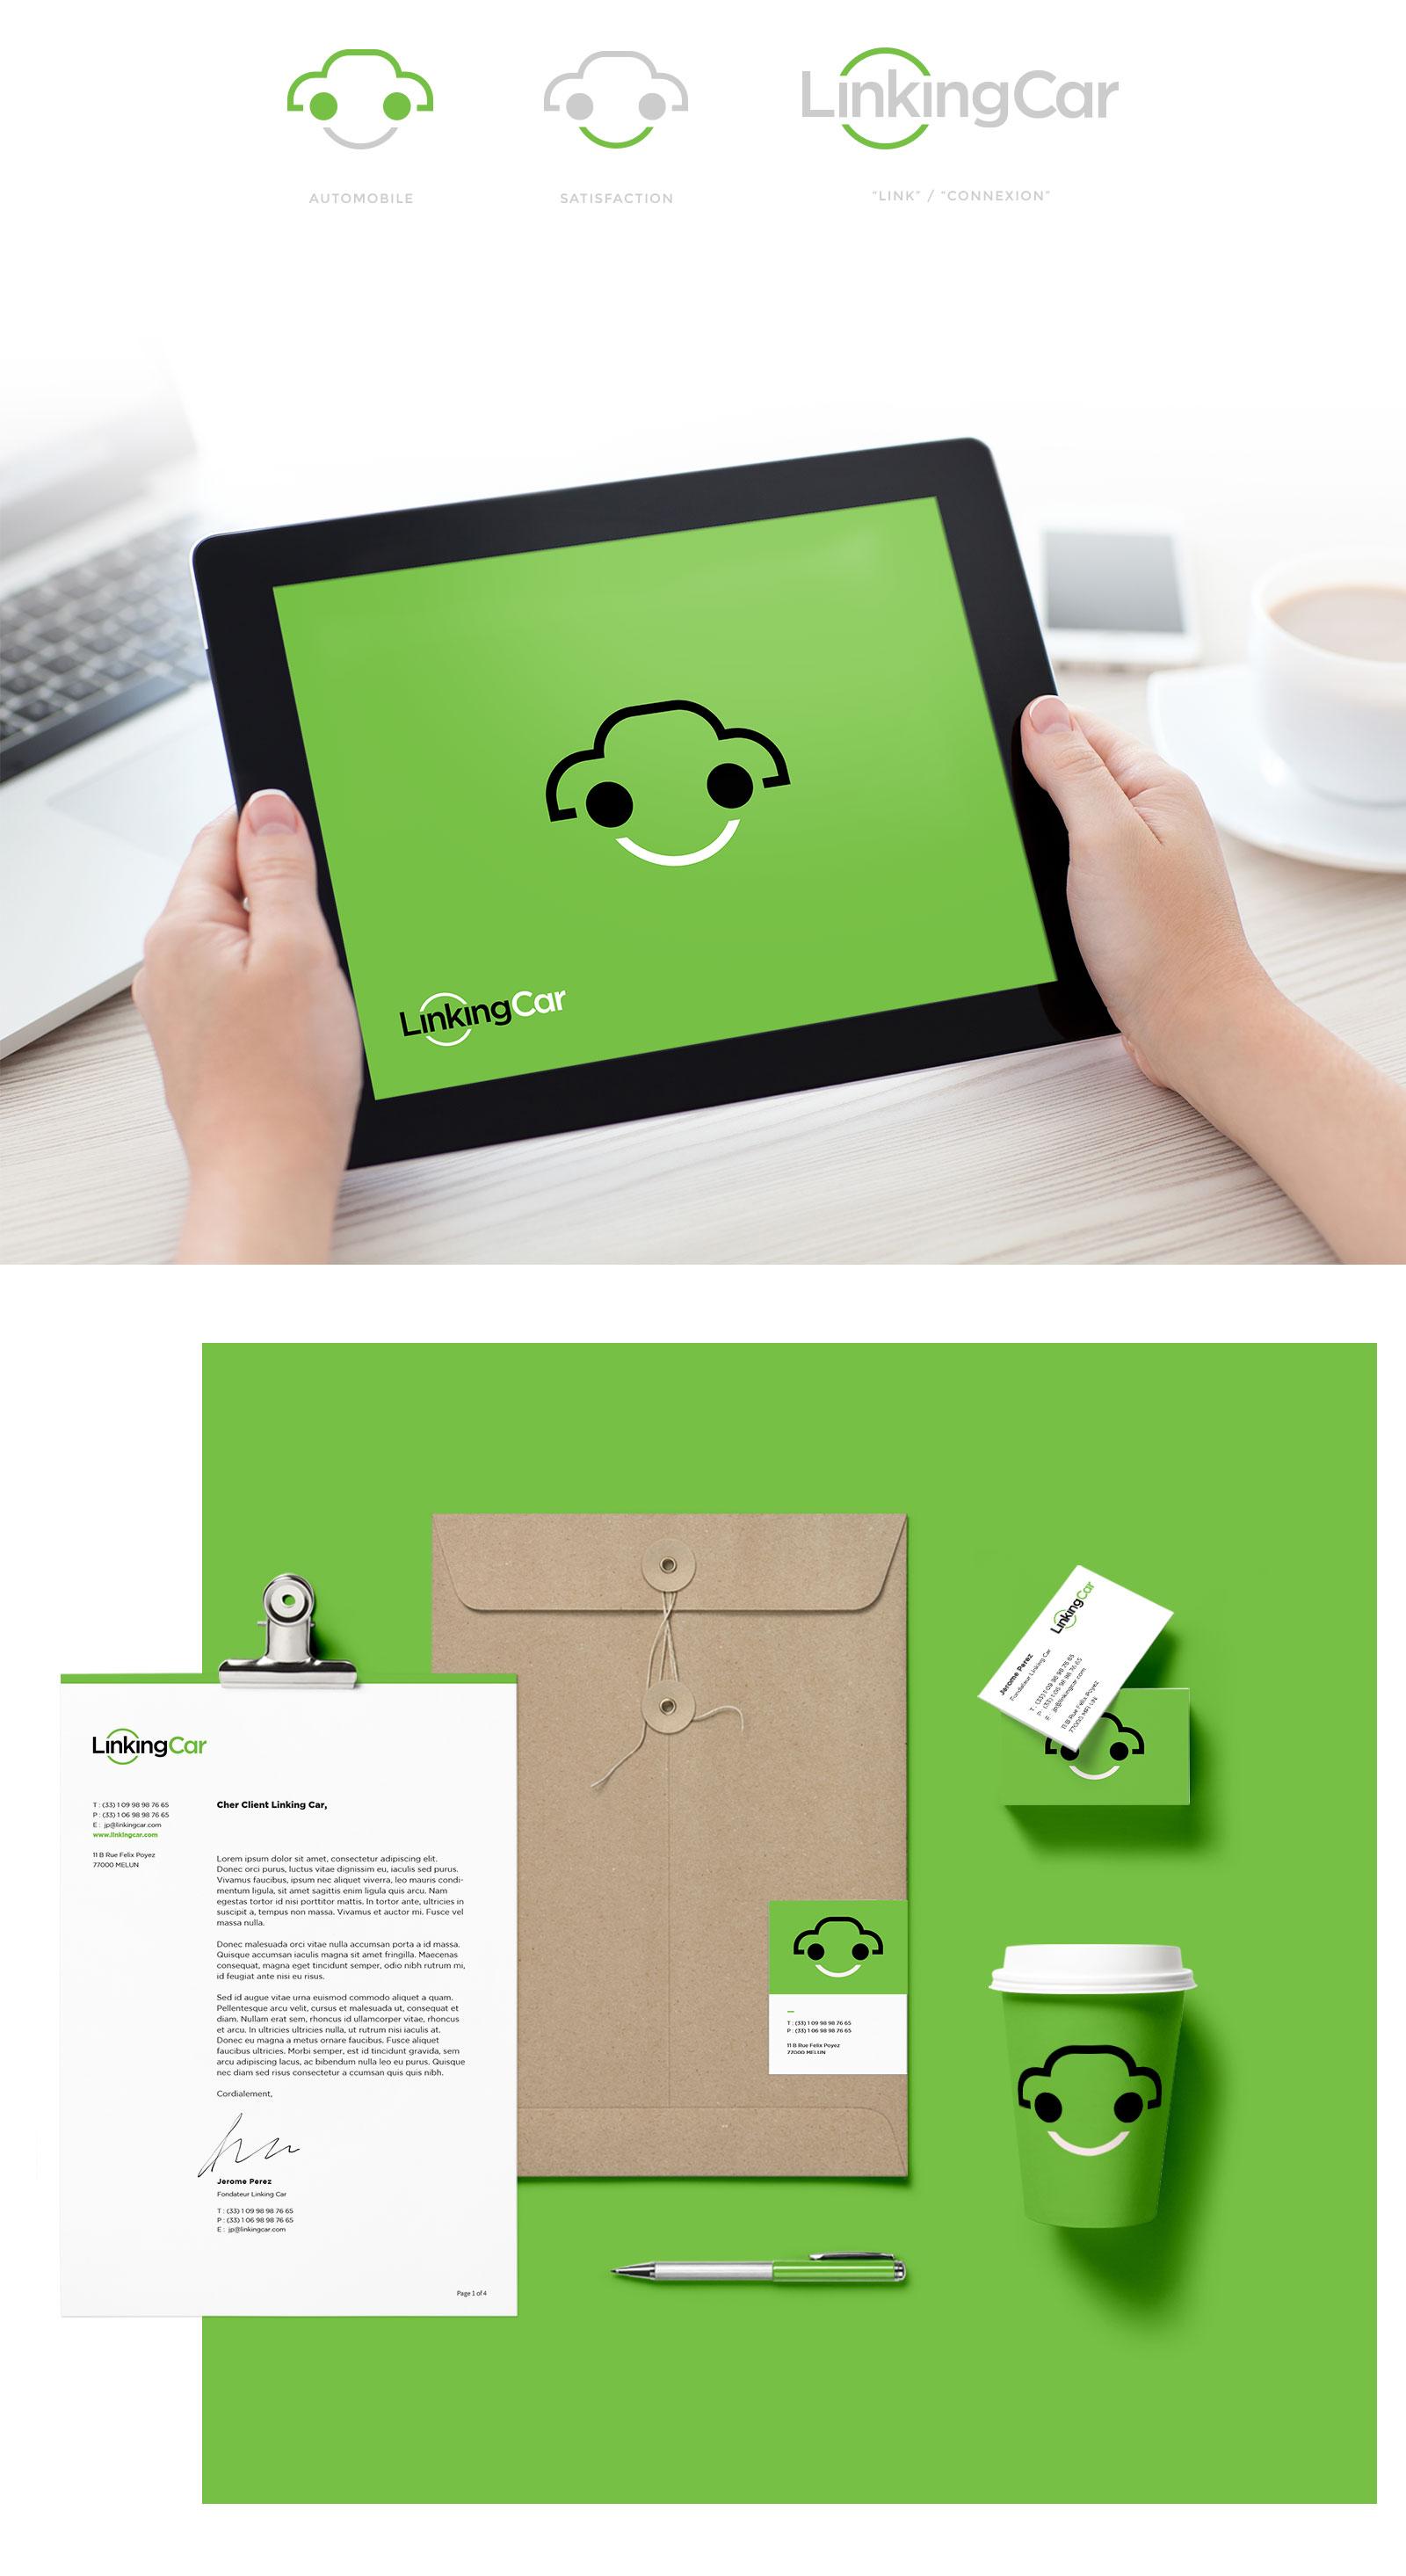 Concept de la marque LinkingCar